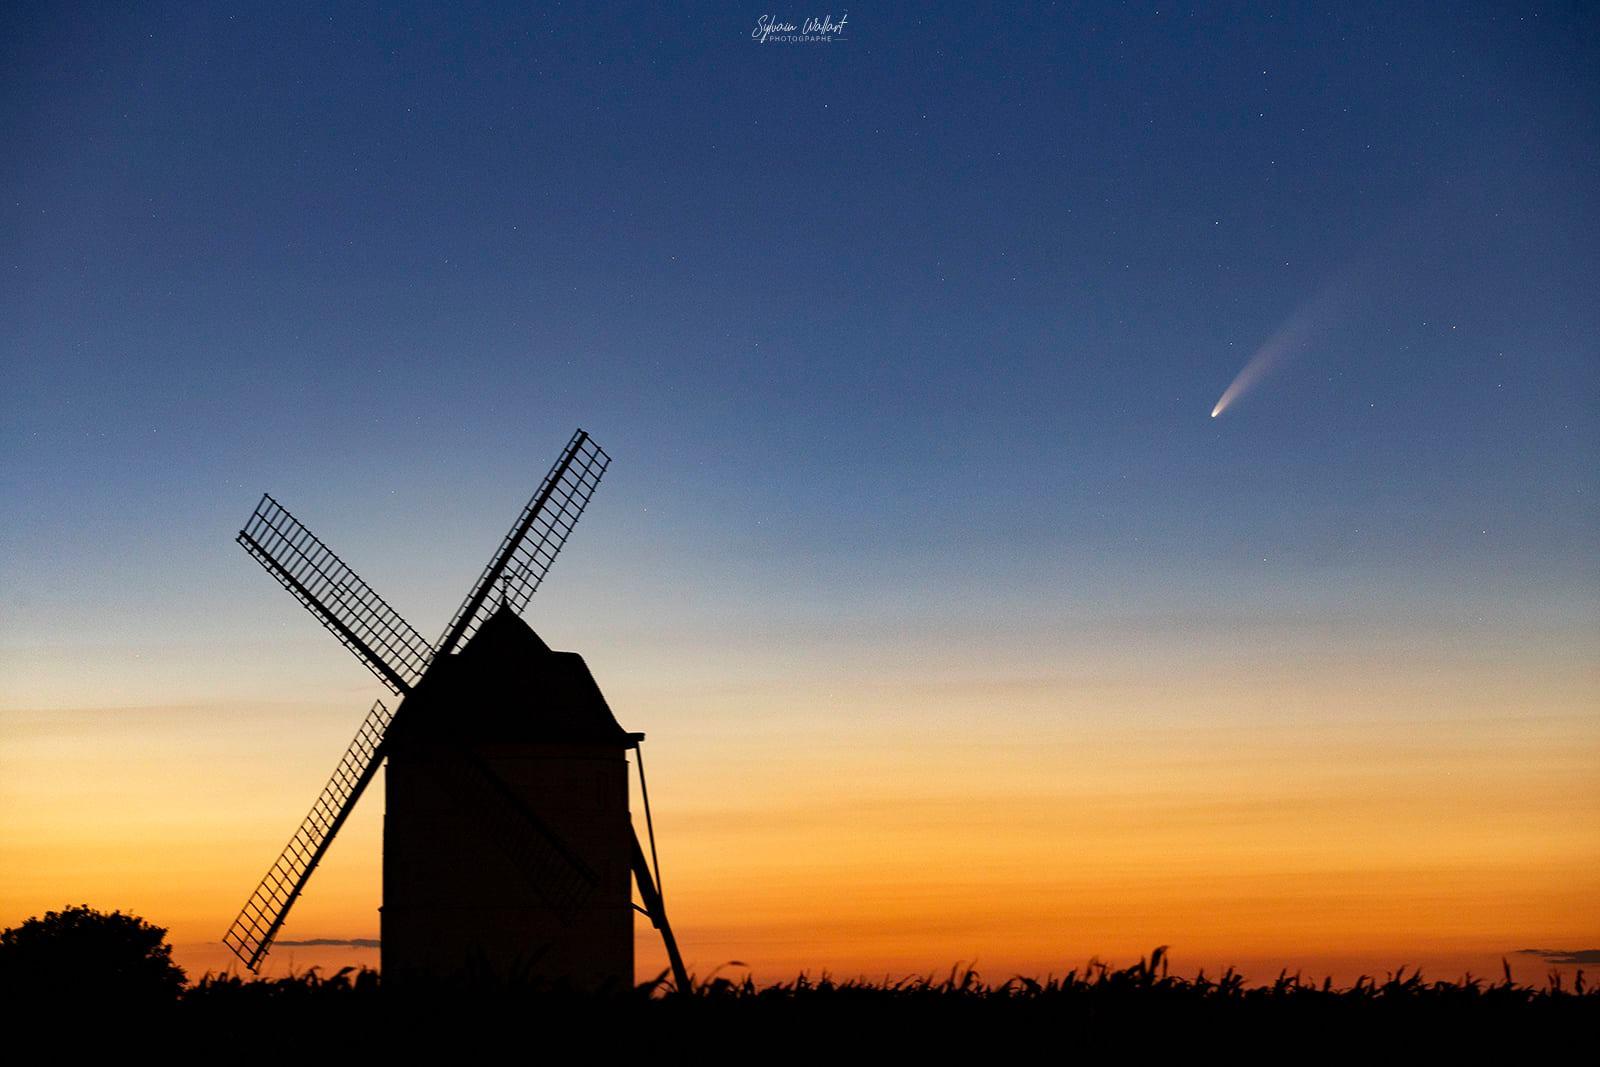 Neowise et le moulin de Nortbécourt 108005837_3361129213939468_5866746375532842033_o